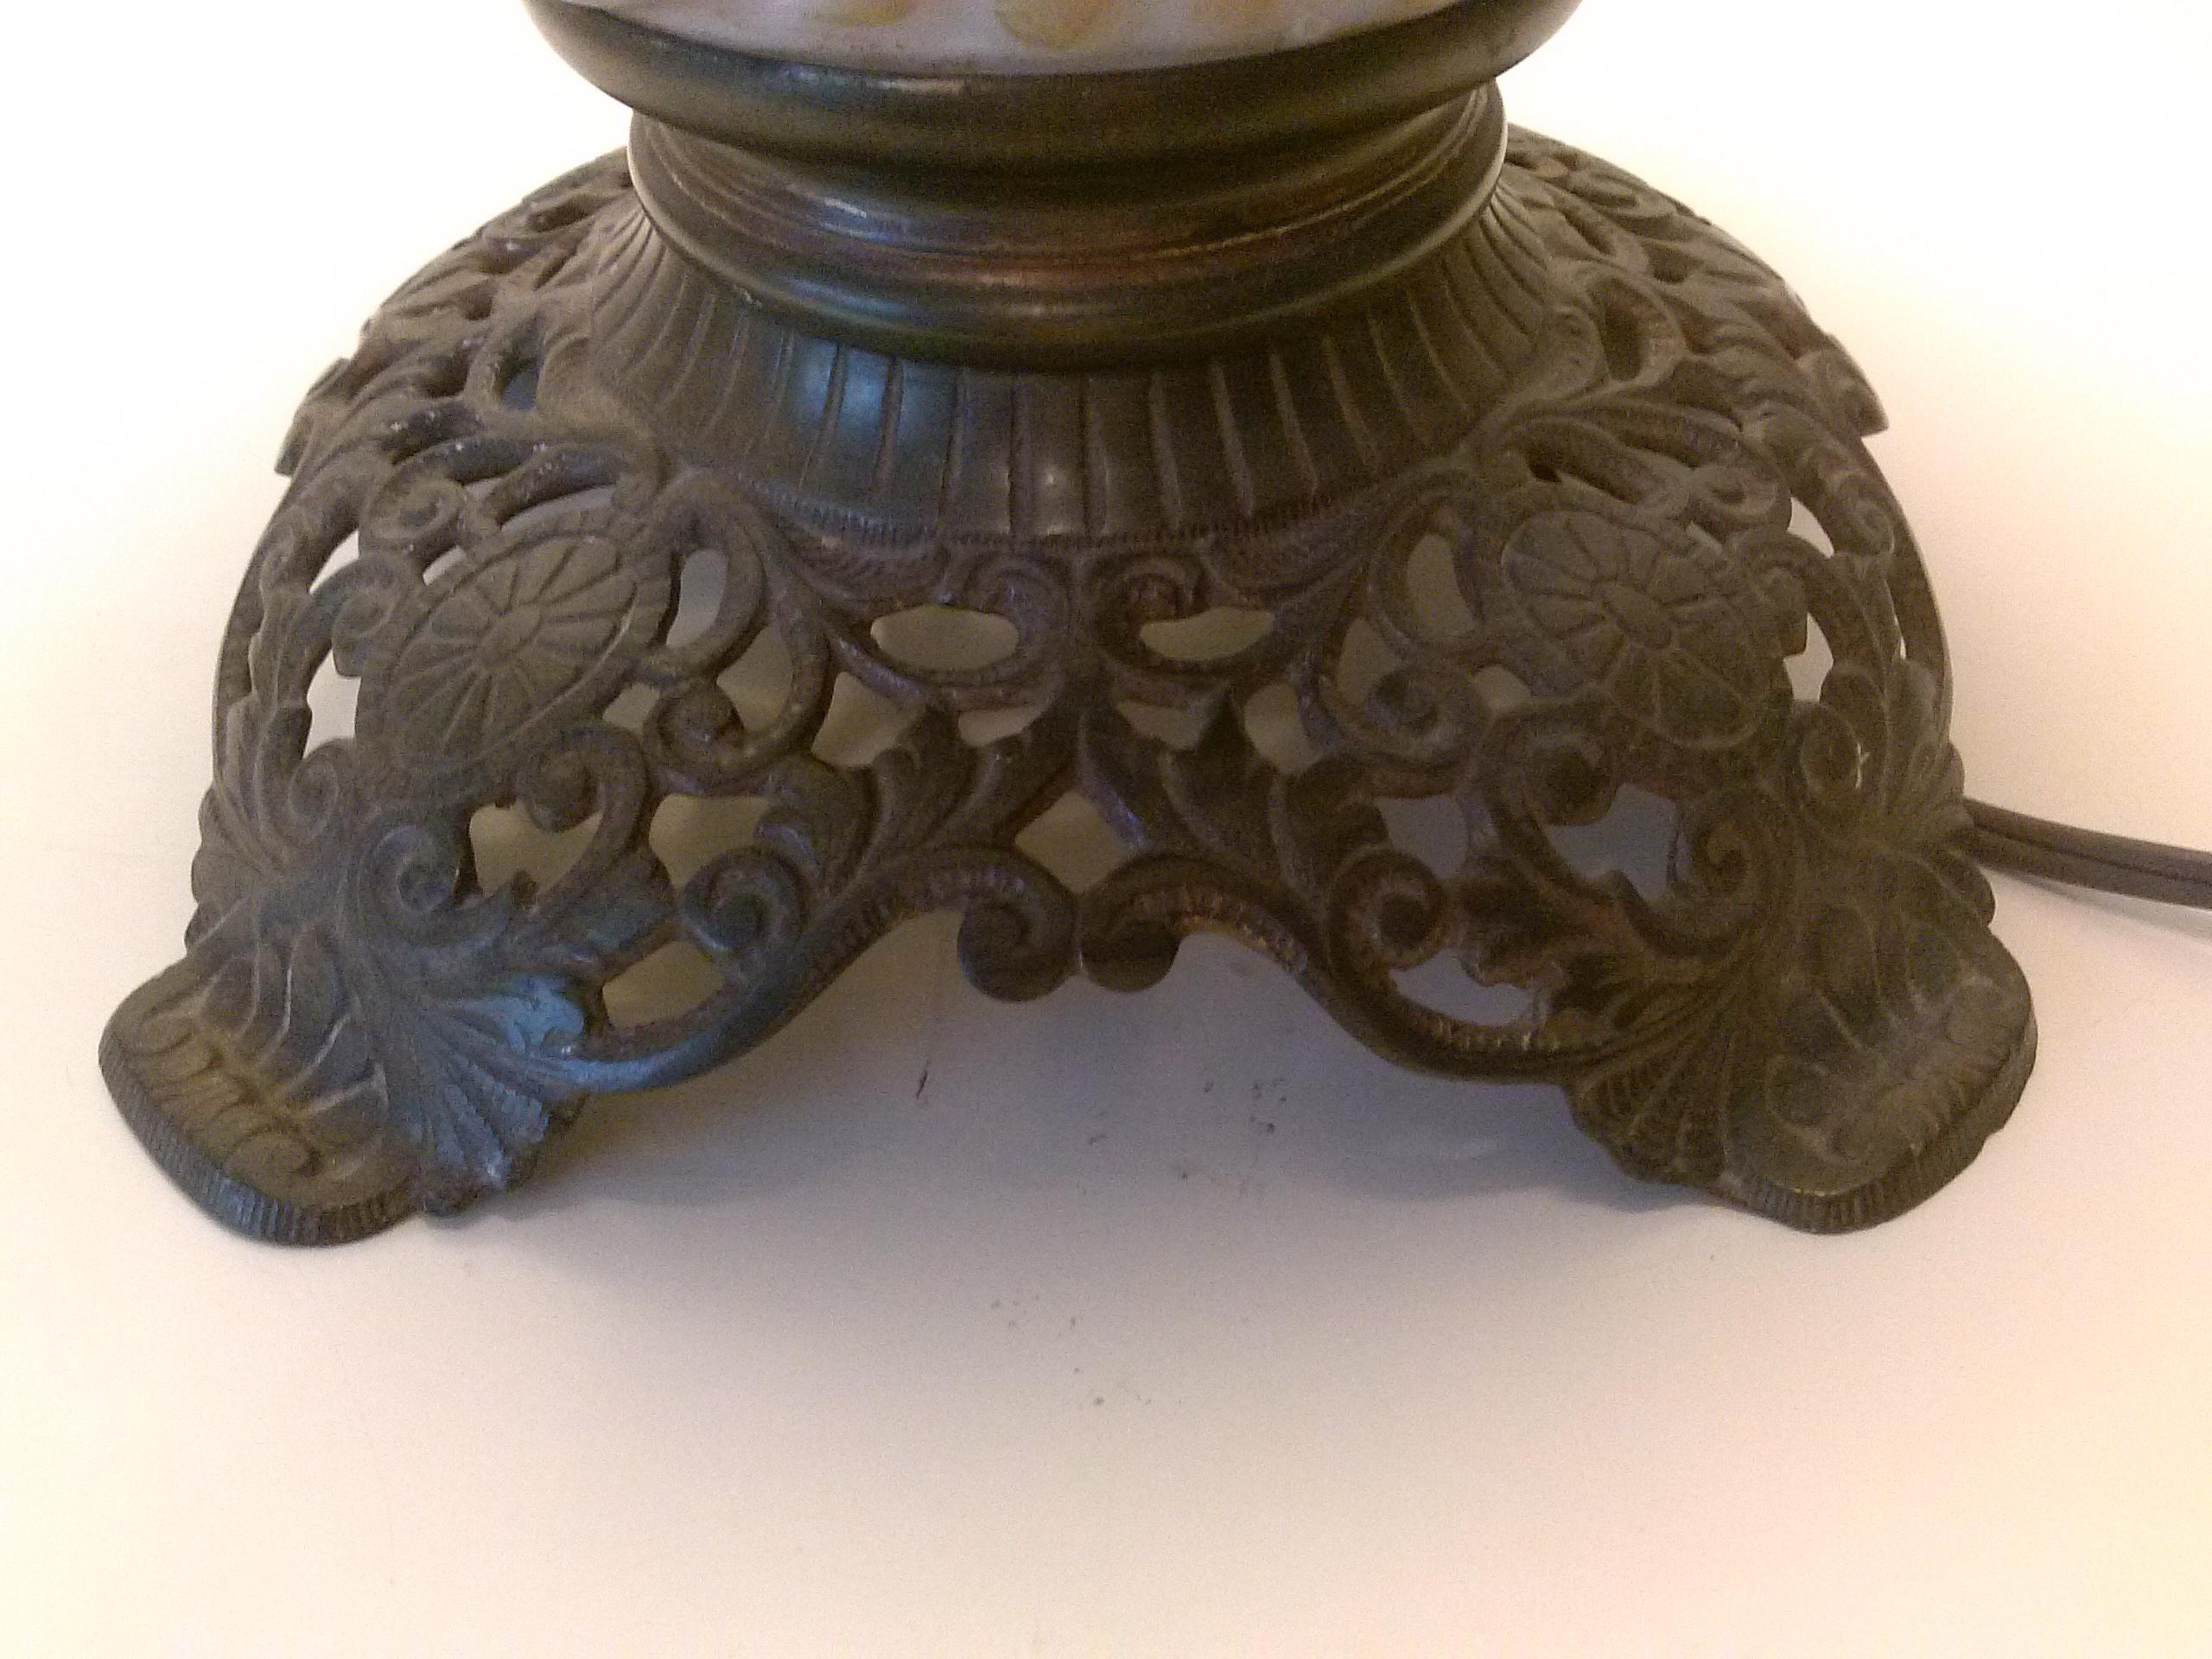 Antique Oil Lamp Converted For Sale Antiques Com